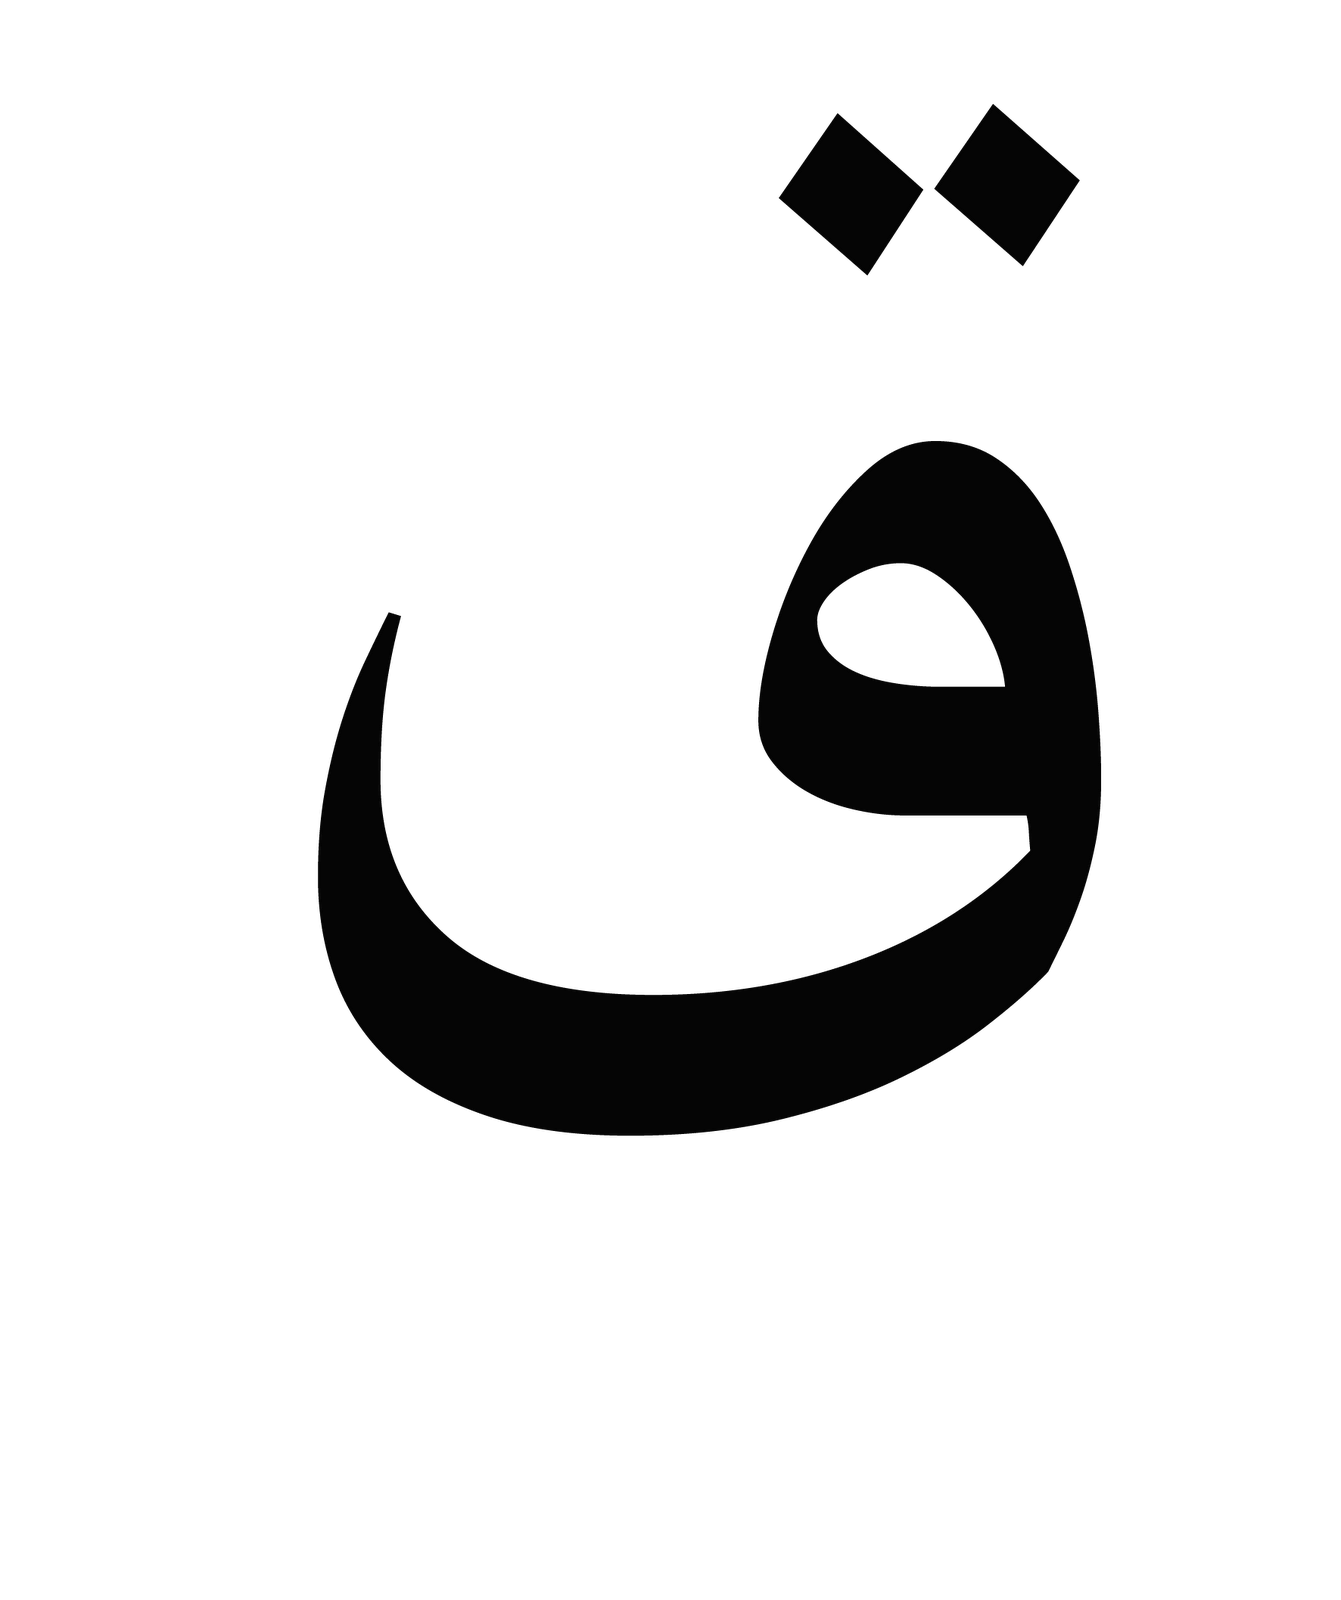 Qaf Ayat 1 10 Dan Terjemah Sultoni Mubin